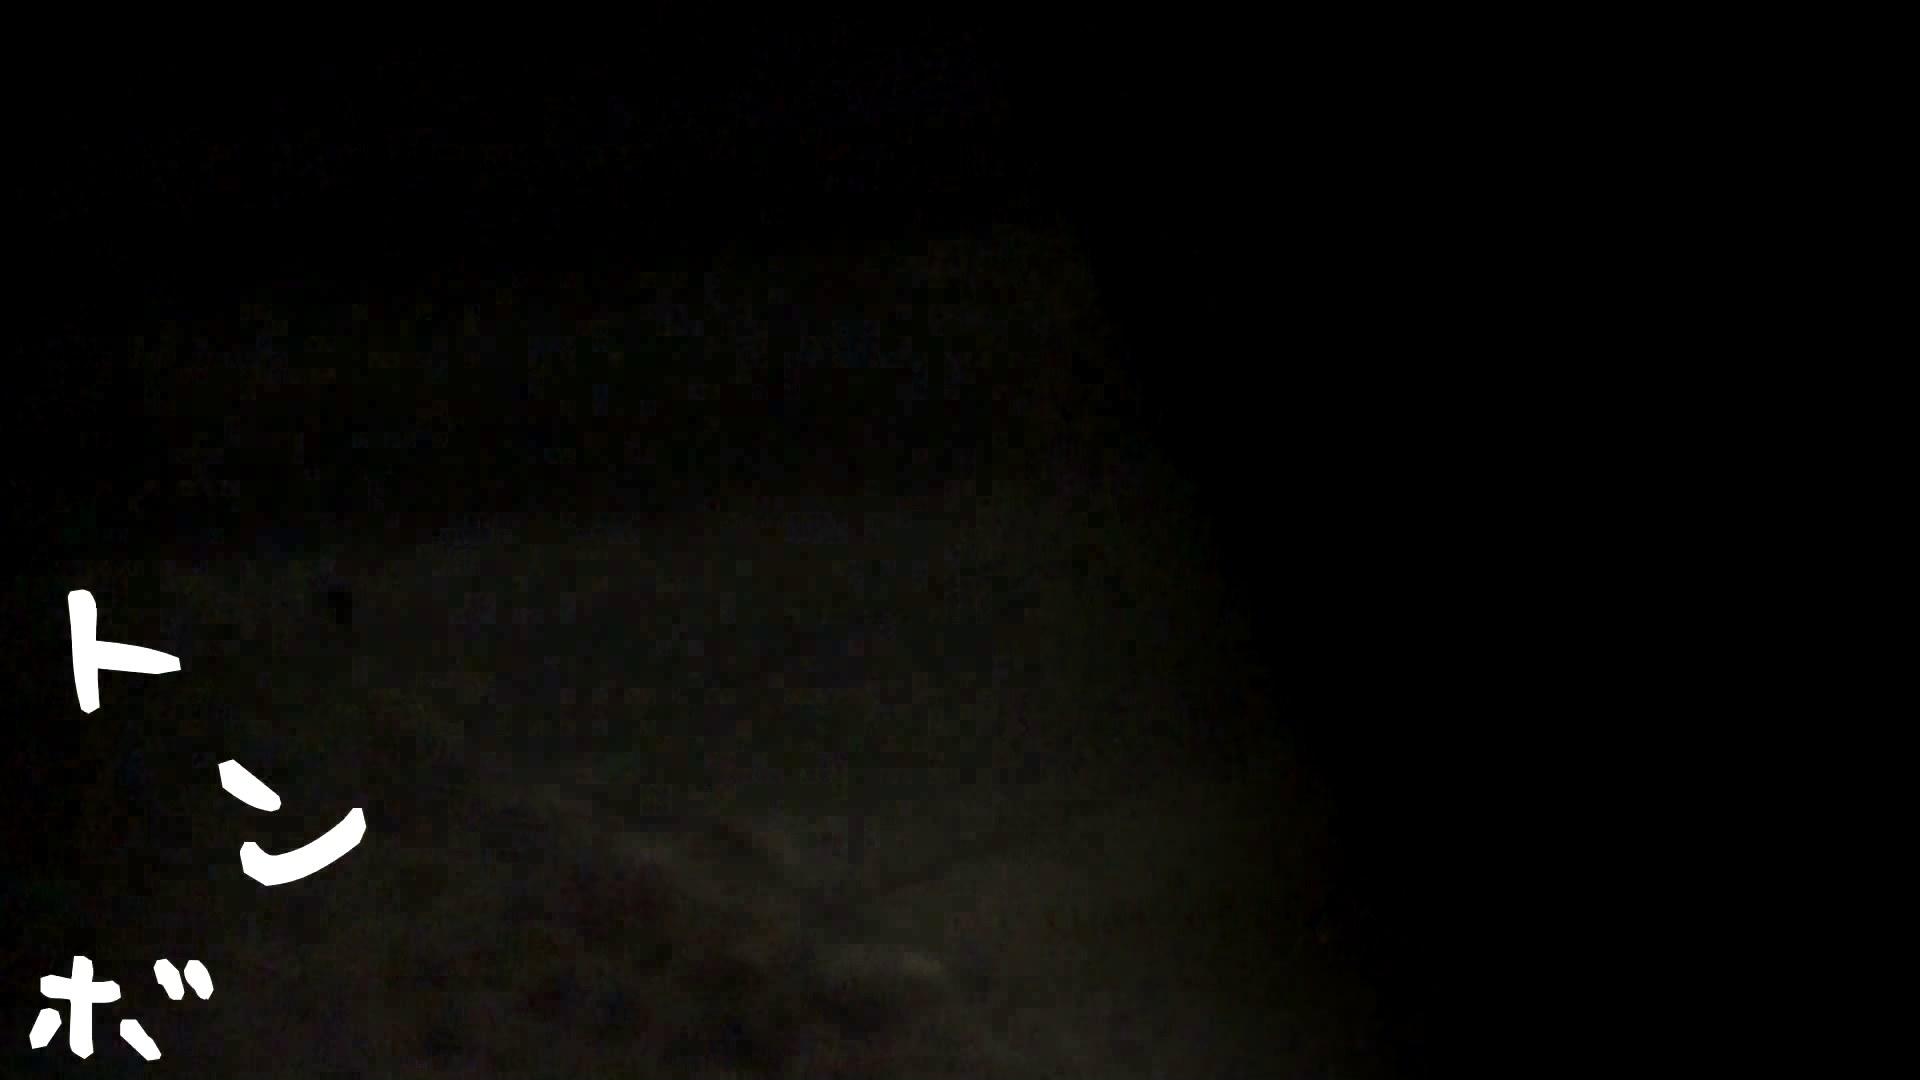 無修正エロ動画|リアル盗撮 清楚なお女市さんのマル秘私生活①|怪盗ジョーカー